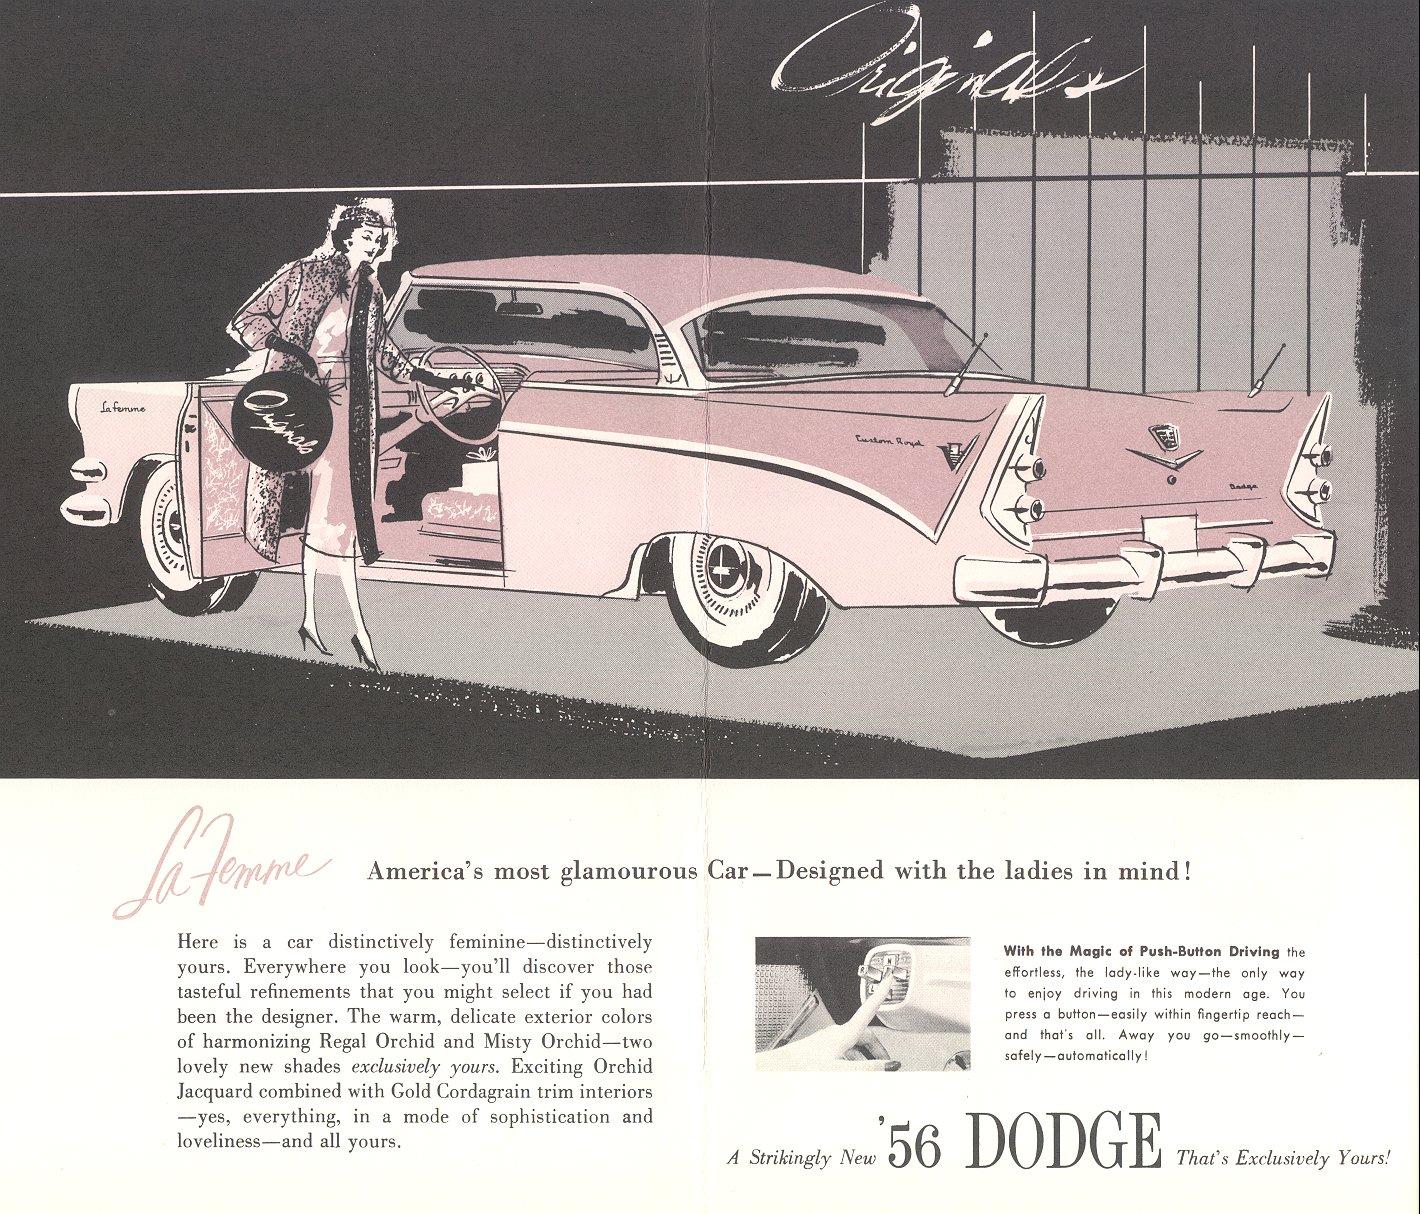 The Dodge La Femme